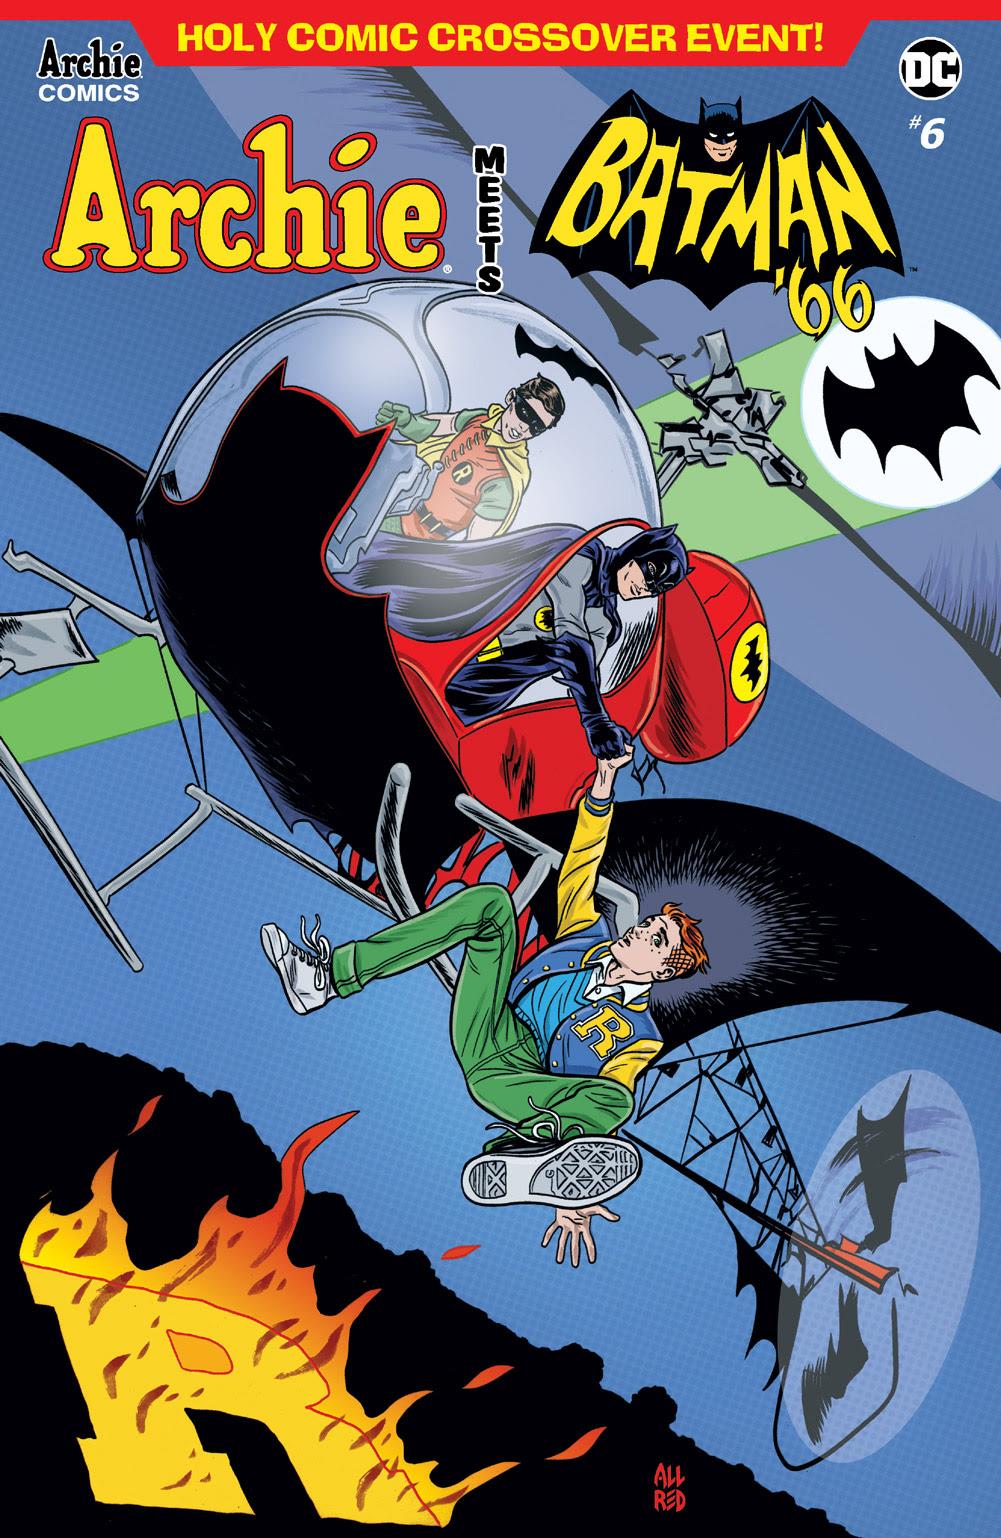 ARCHIE MEETS BATMAN '66 #6: CVR A Allred